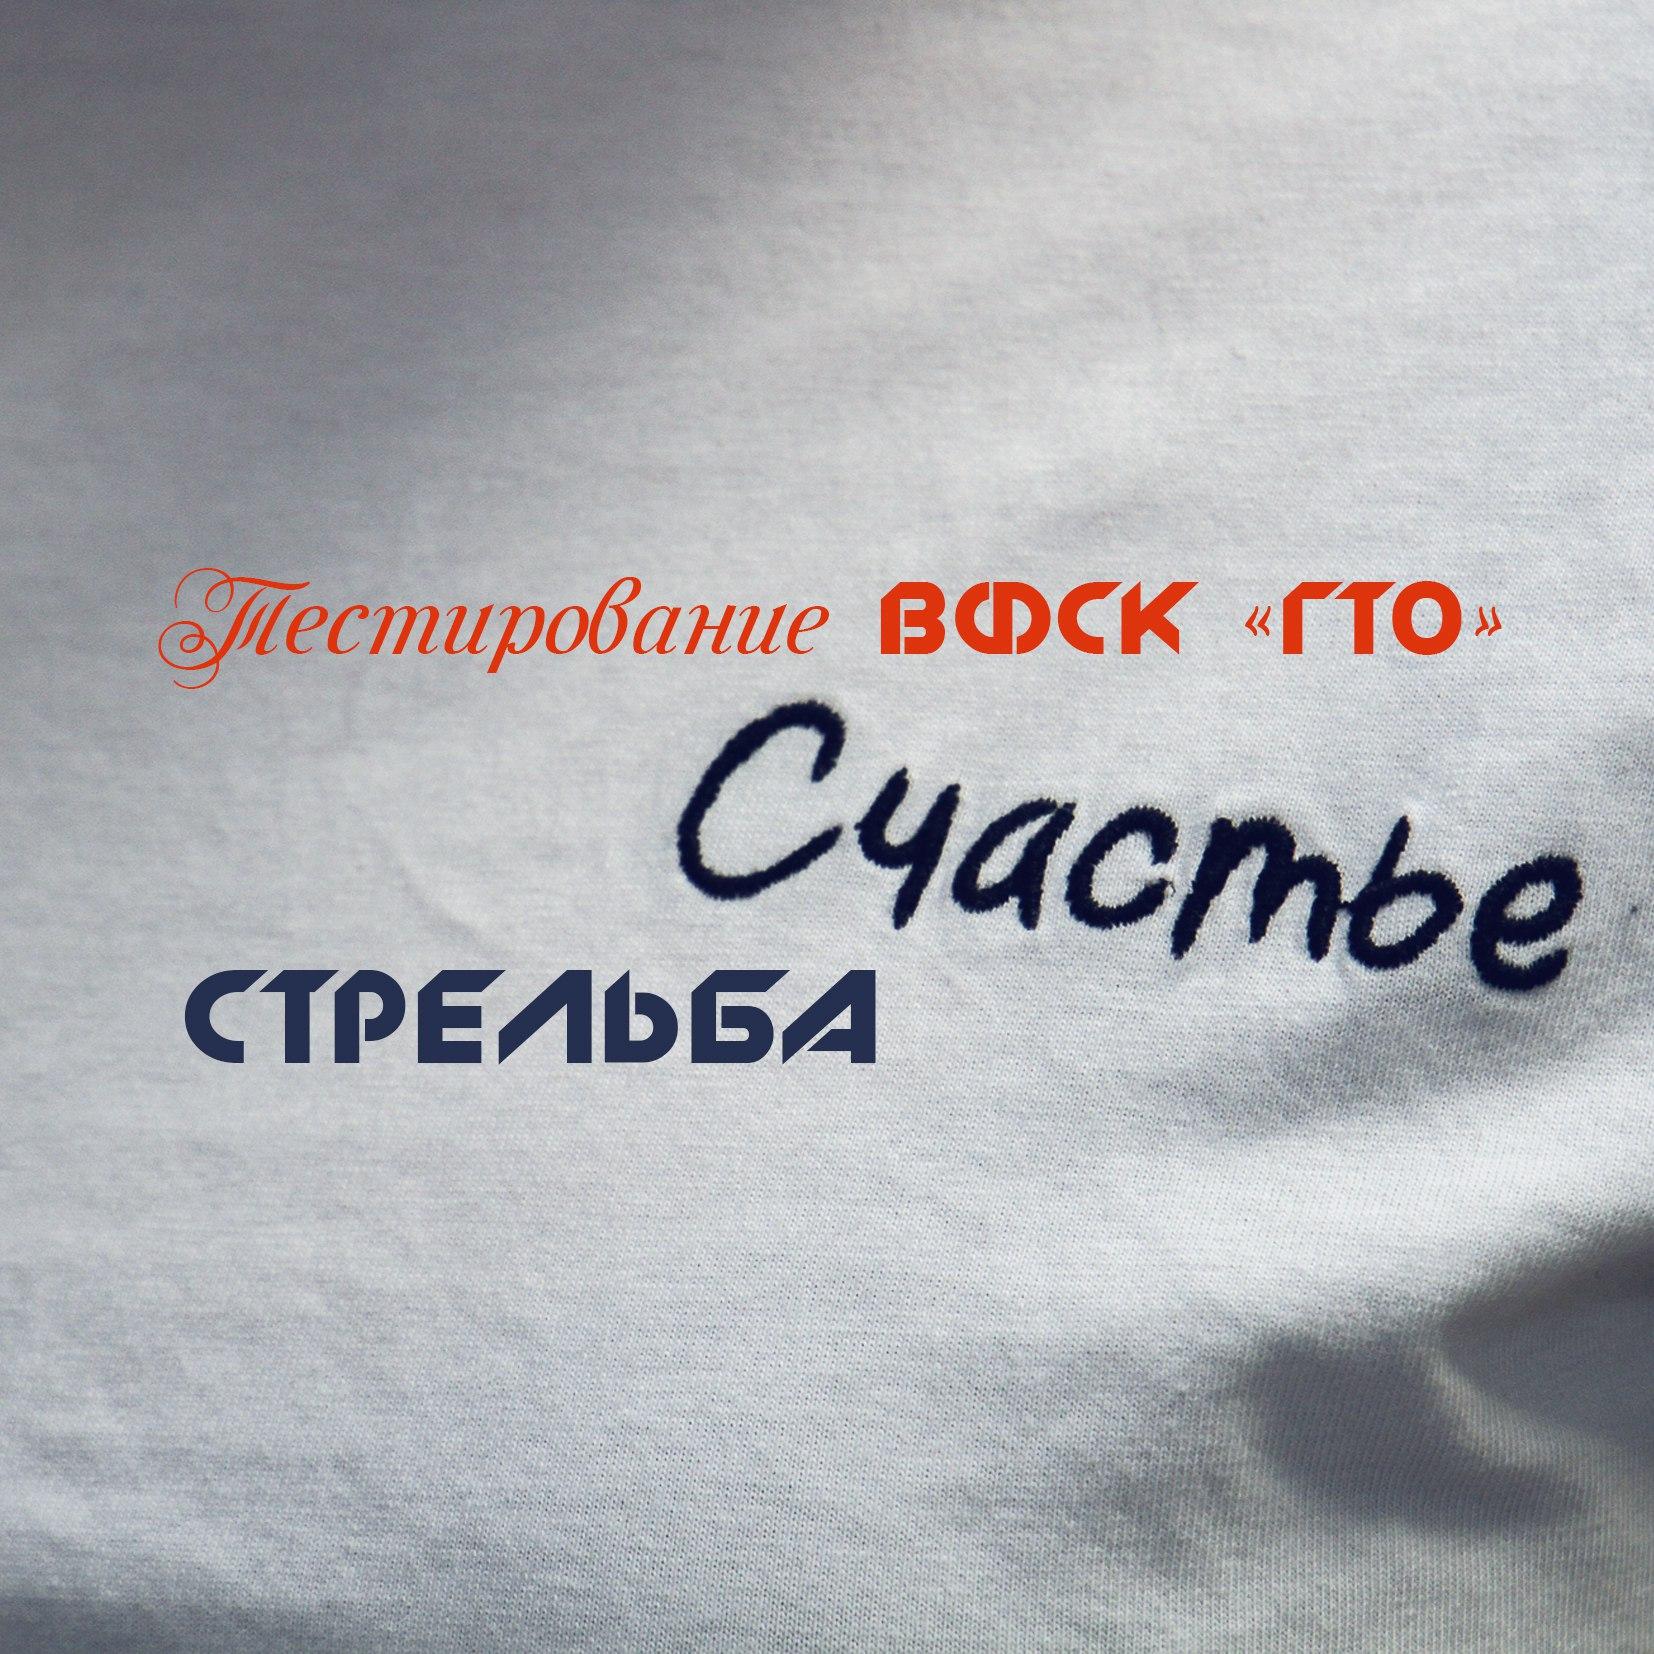 ТЕСТИРОВАНИЕ ВФСК ГТО Стрельба